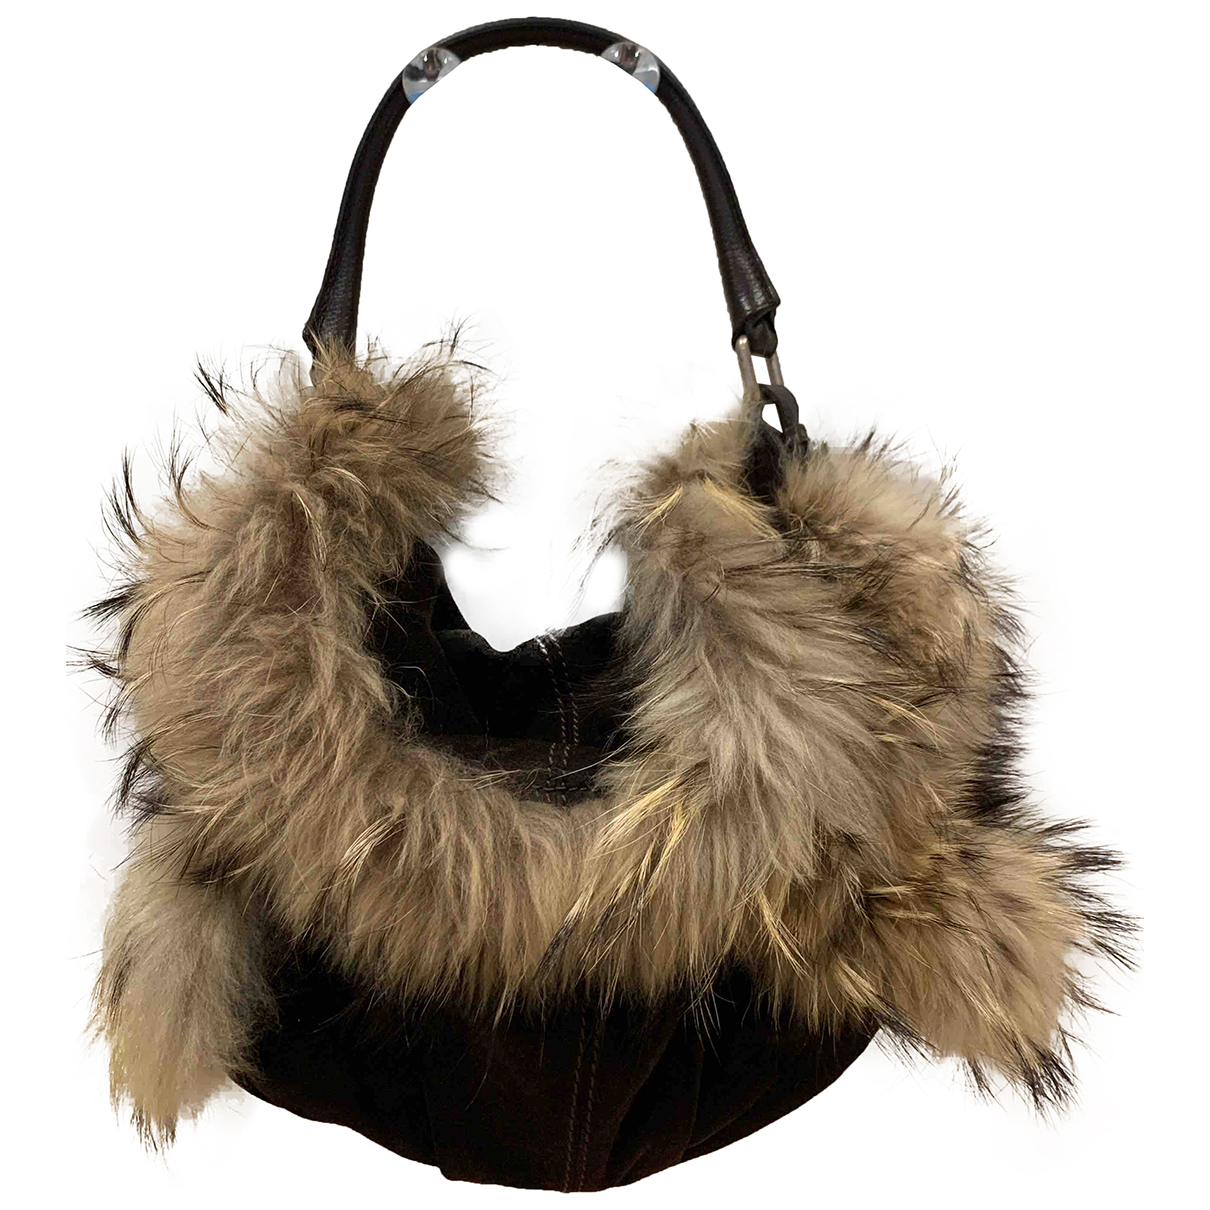 Max Mara N Brown Suede handbag for Women N